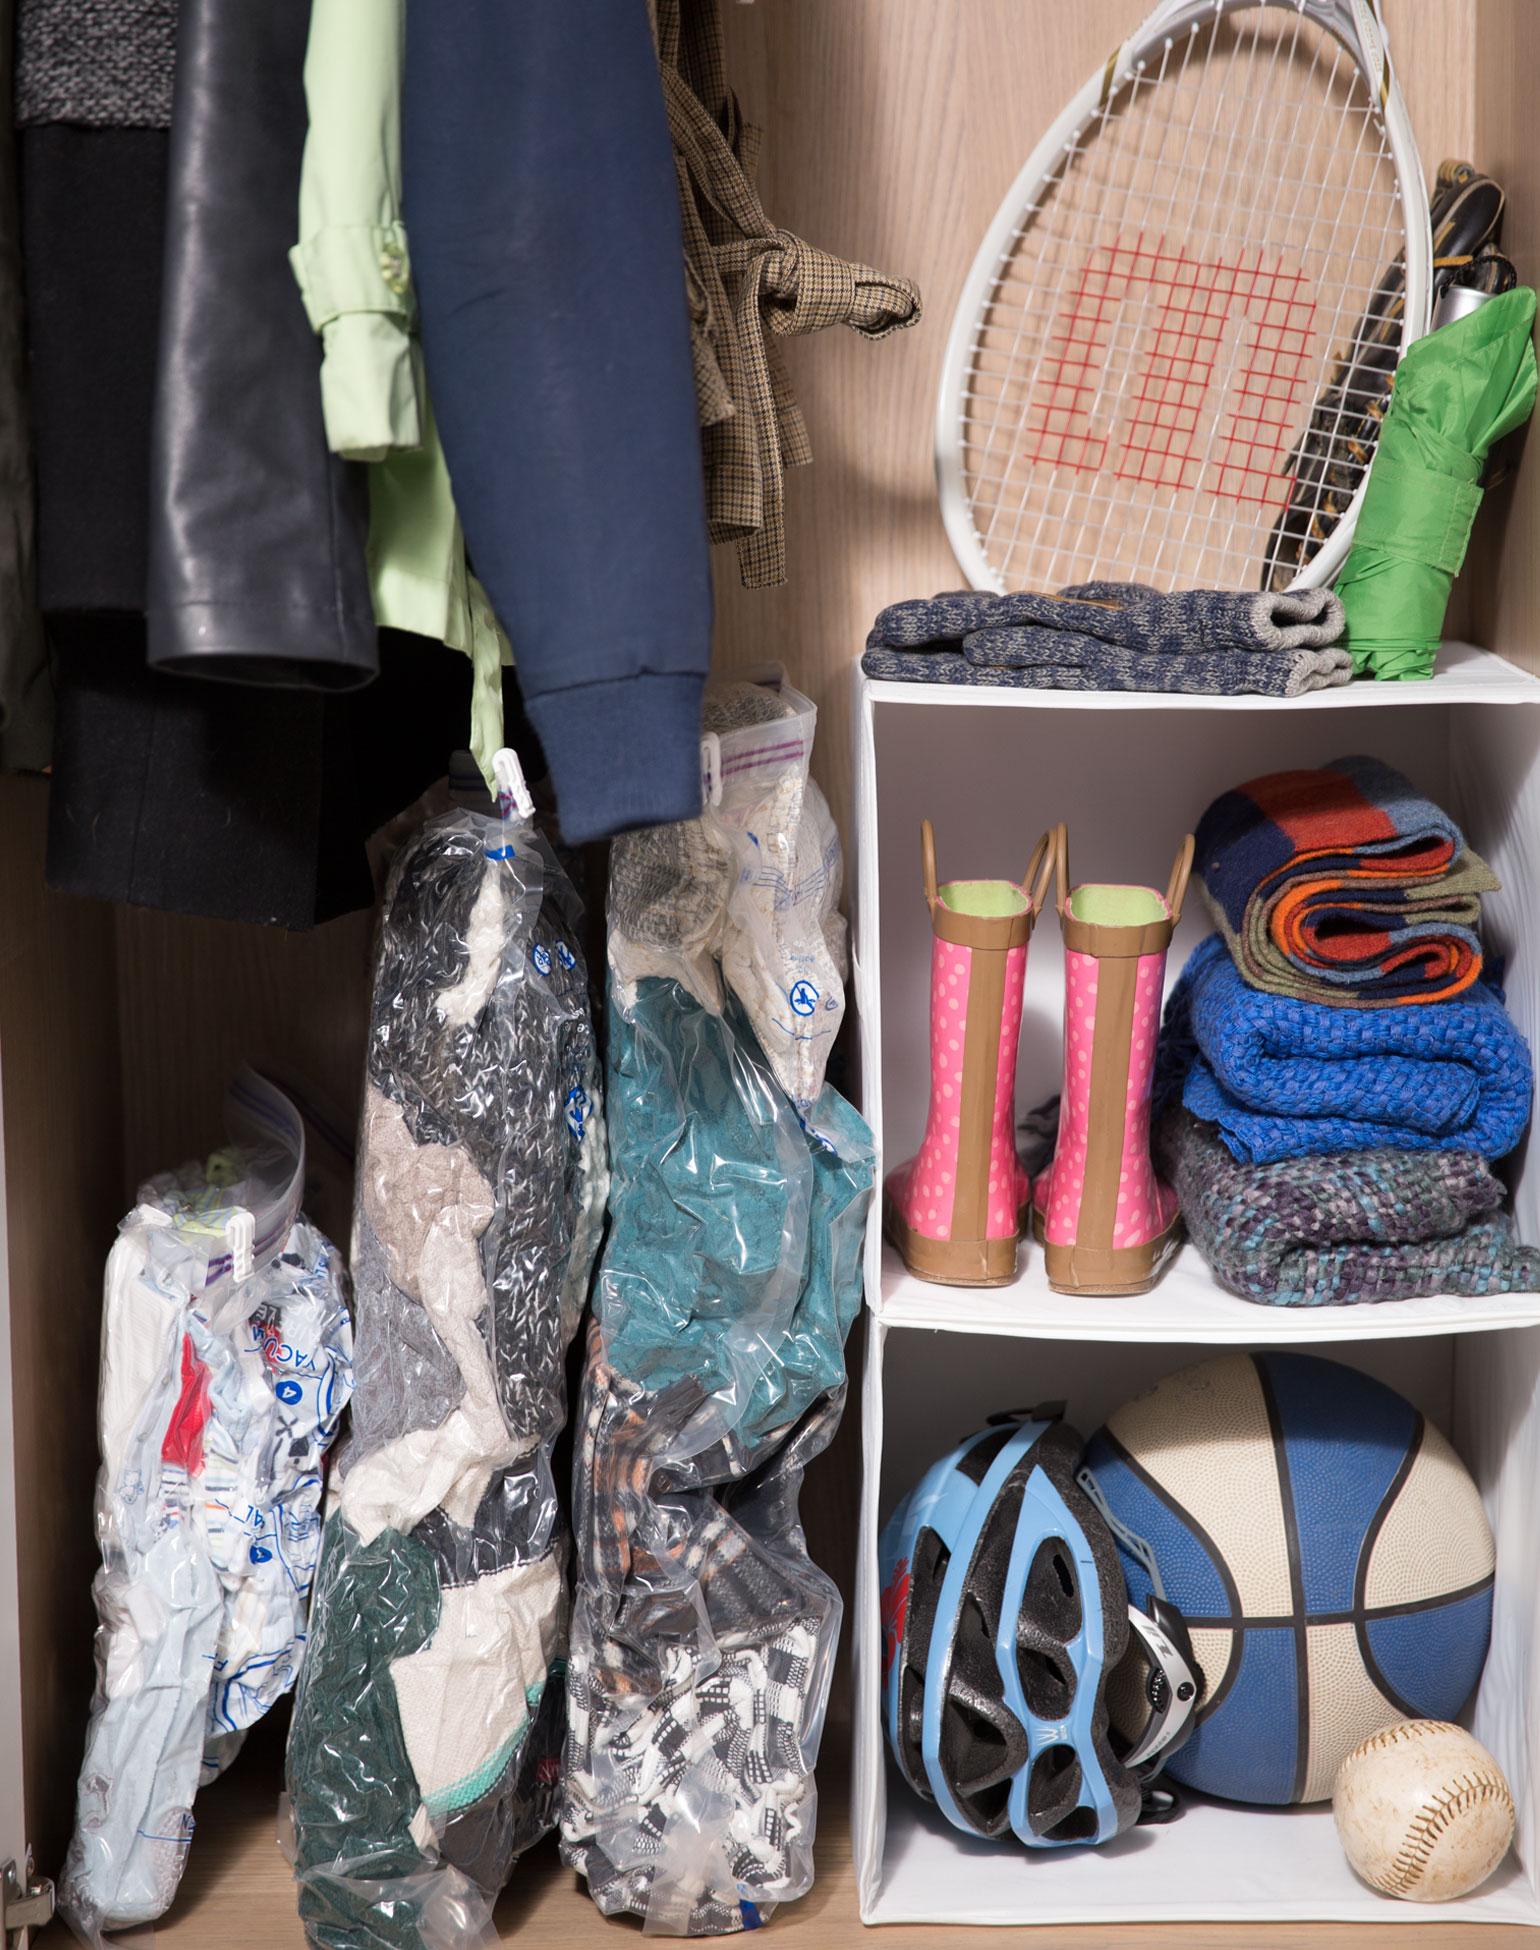 Paquet de 6sacs plats Space Bag®: 2moyens, 2grands, 1très grand, 1pour valise